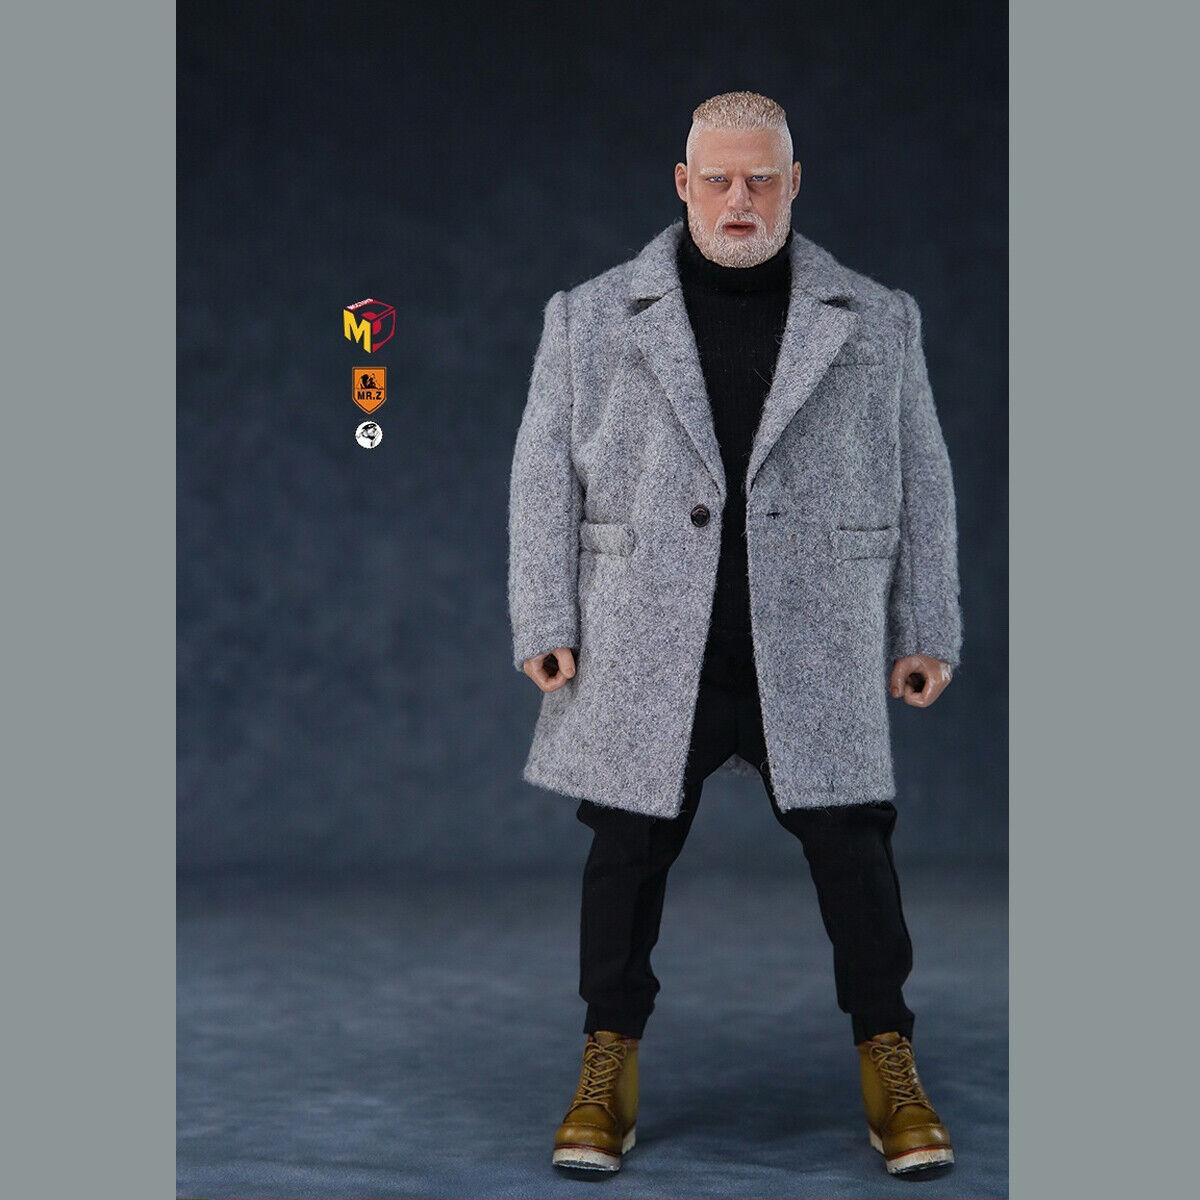 MCCJuguetes x Mr. Z MCC020 1 6 Mr. Z 's Mini Armario la gran cosa Viento Abrigo Figura Nueva